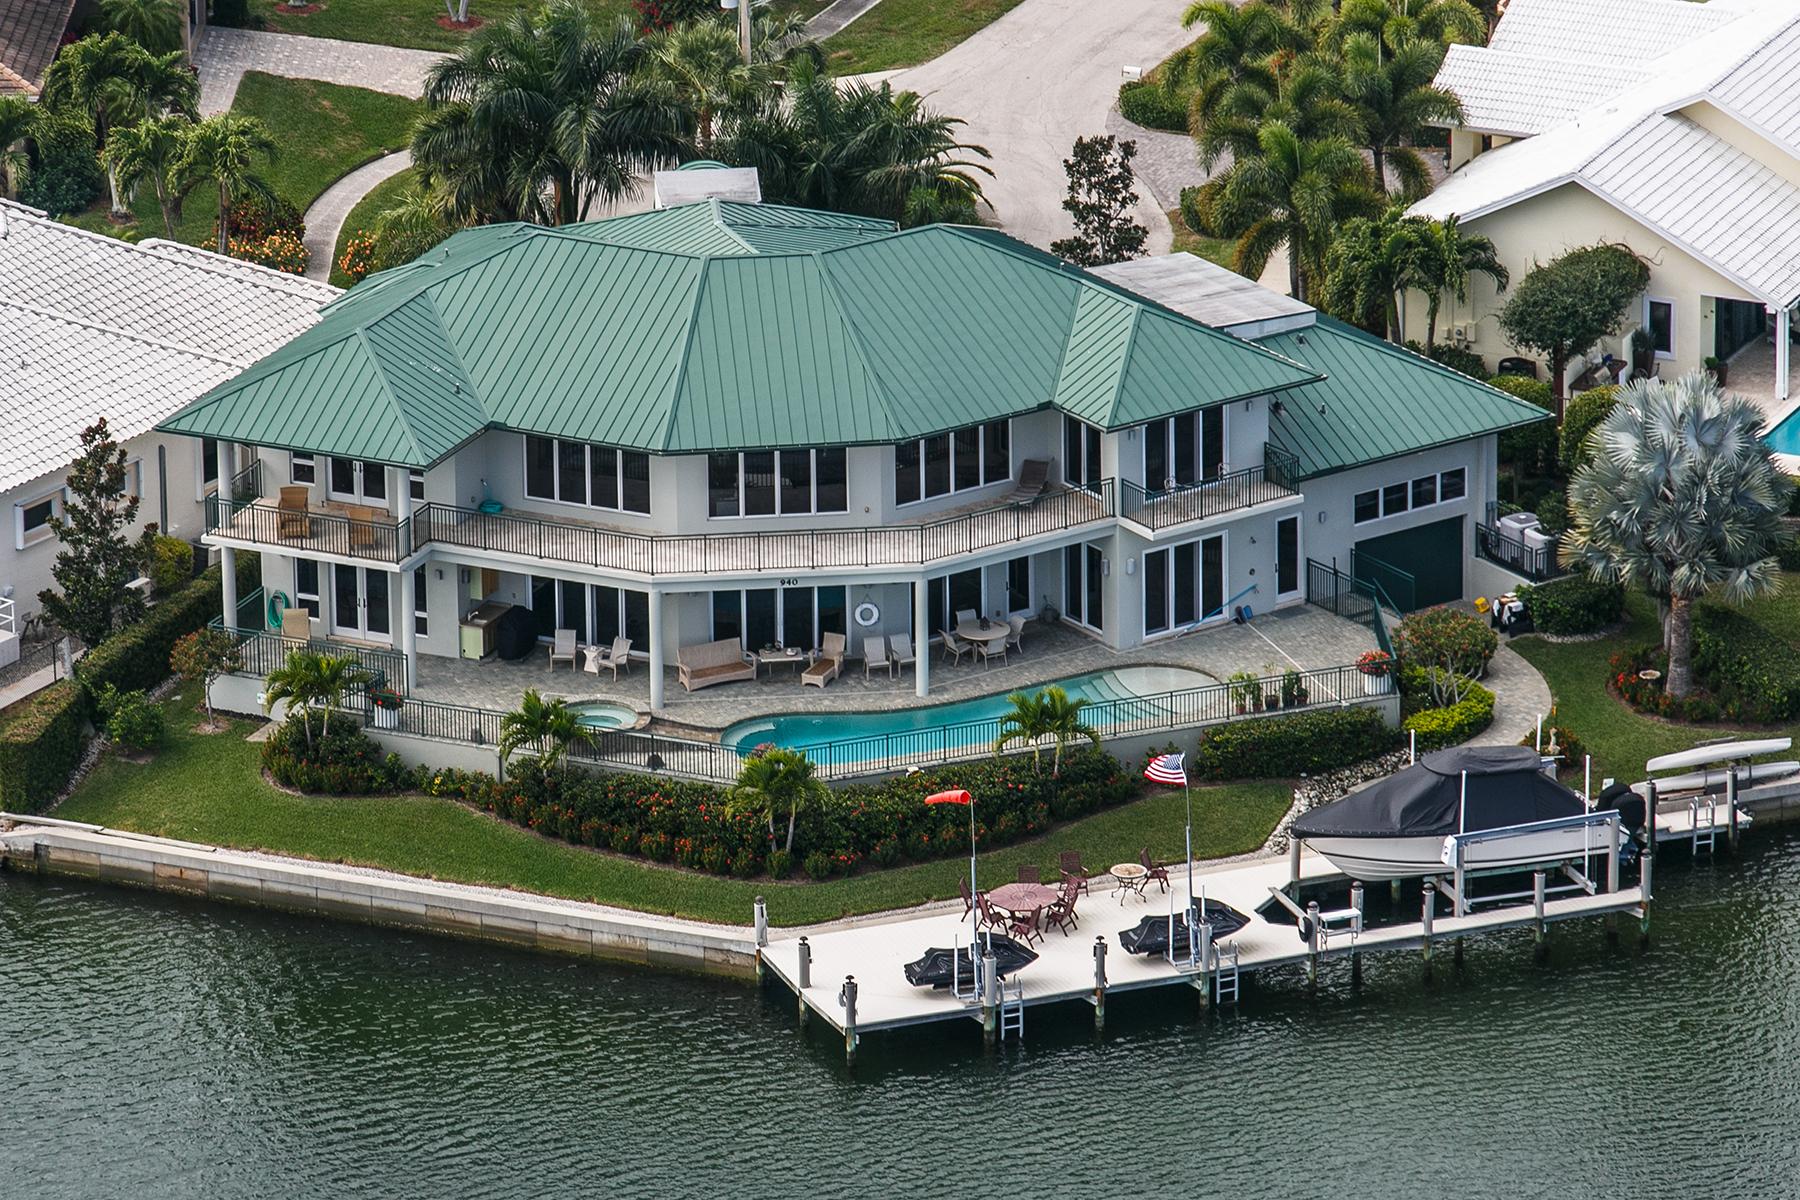 Propiedad en venta Marco Island